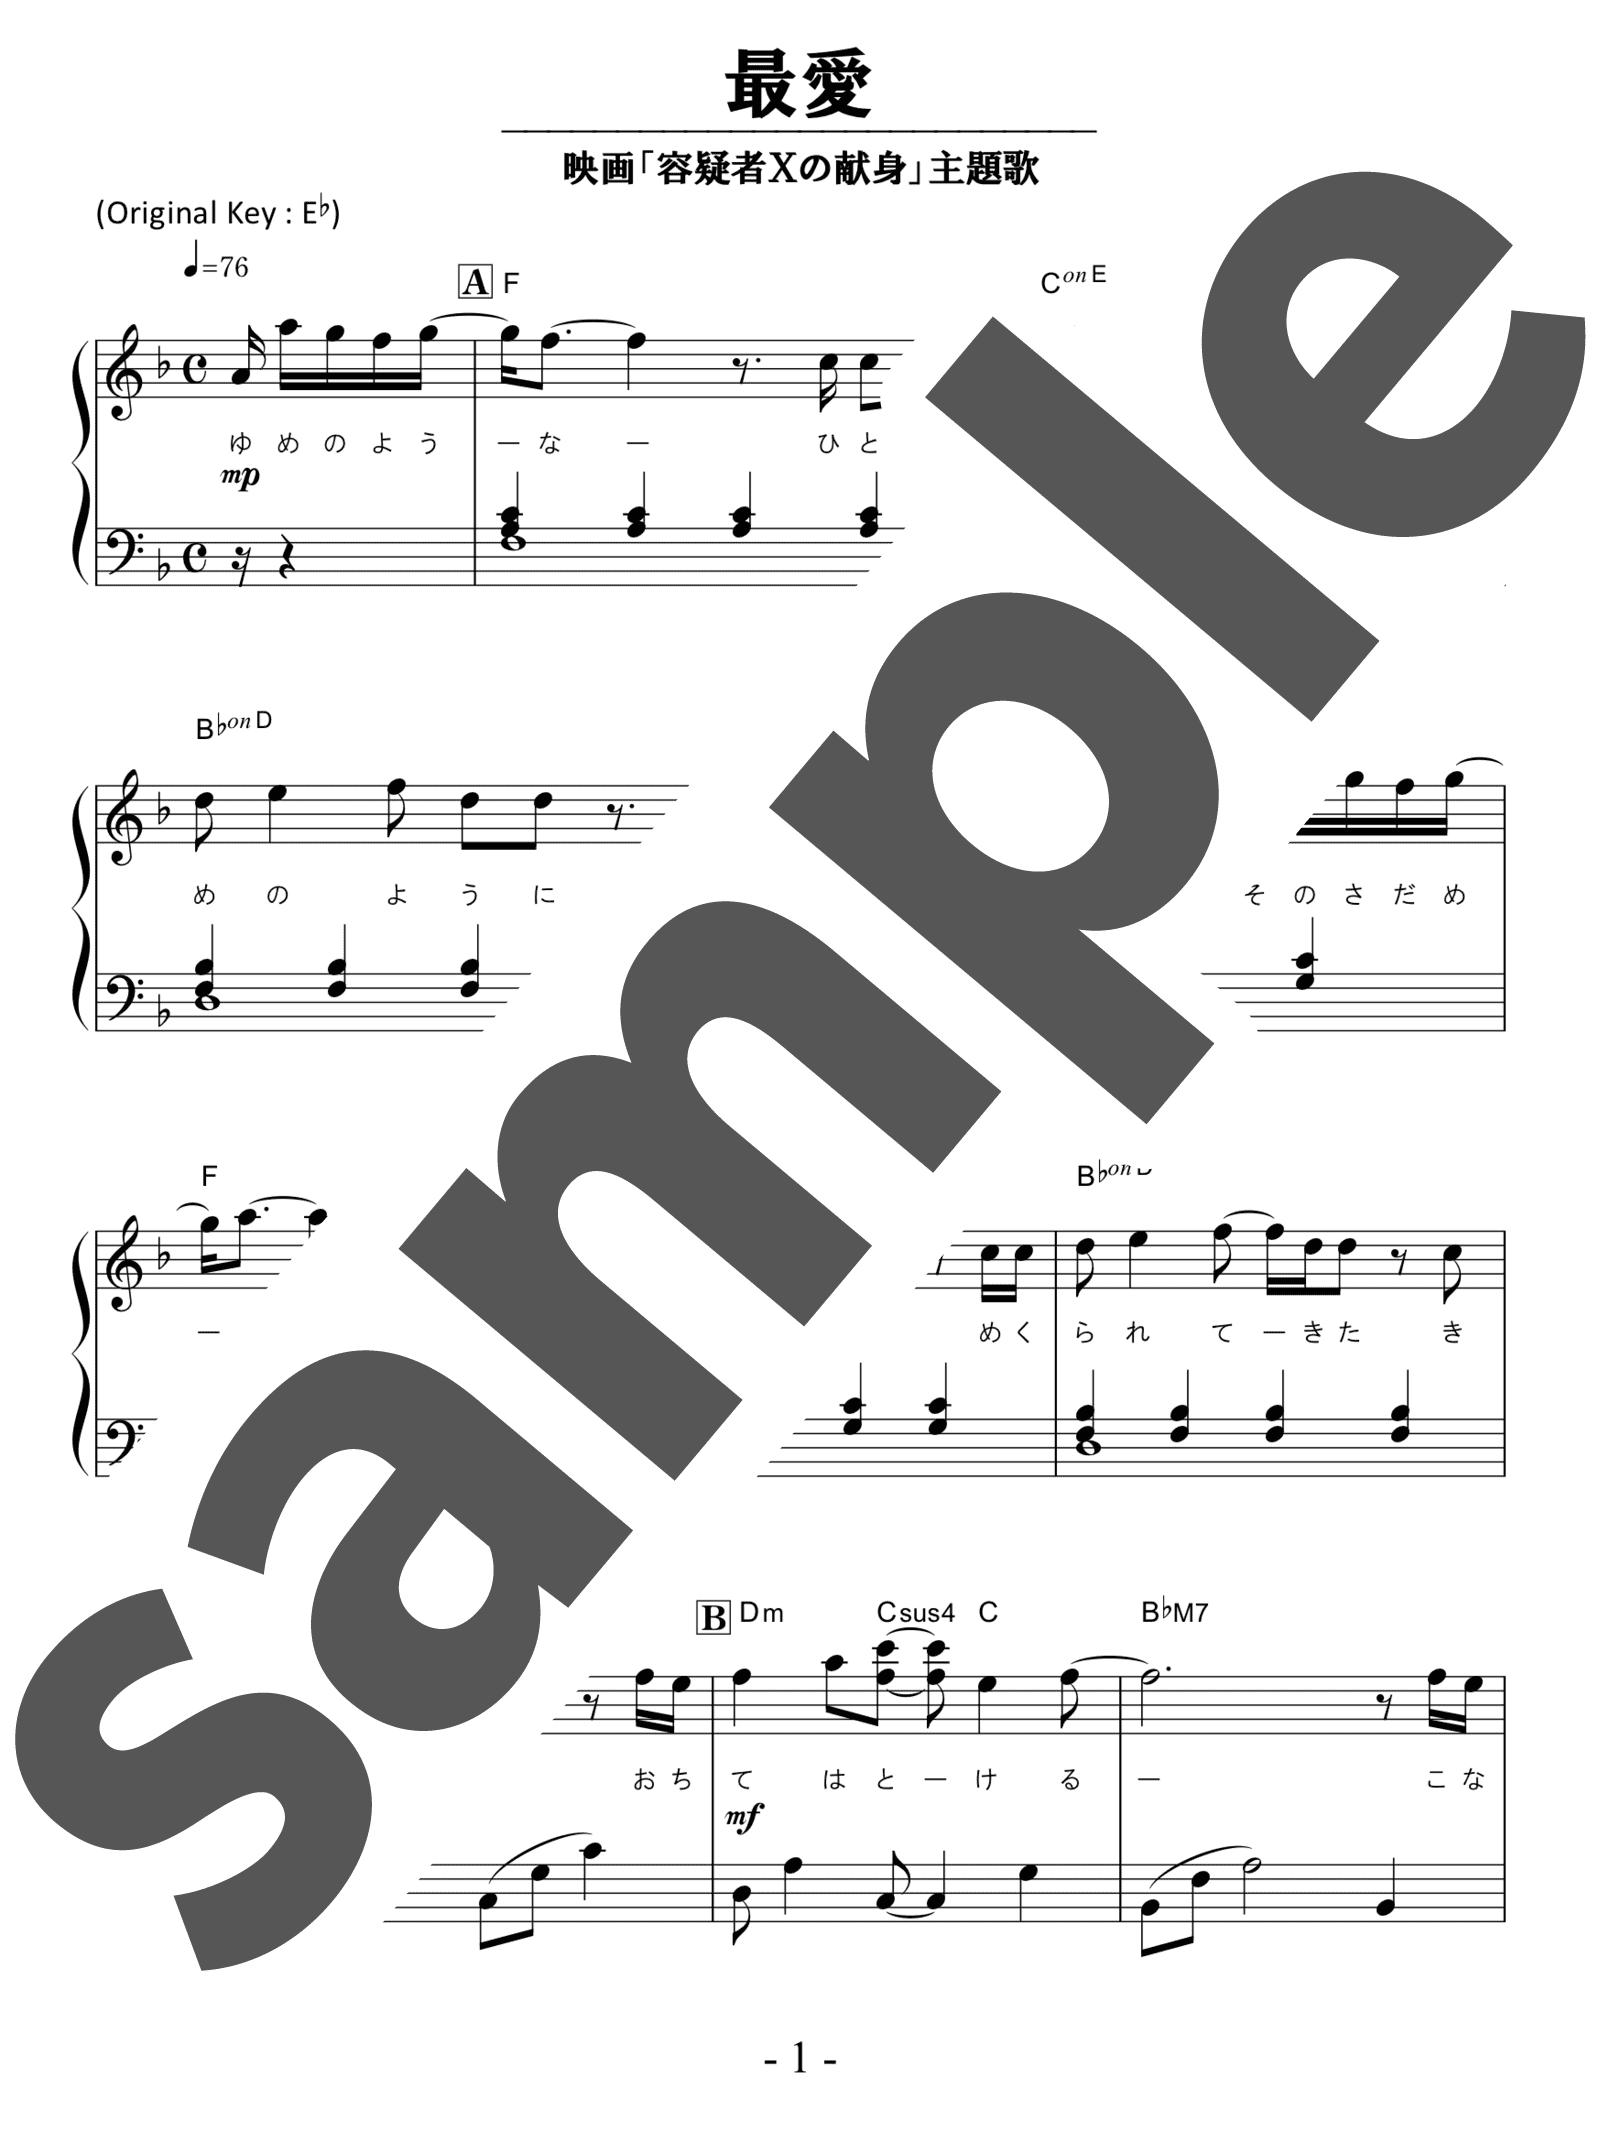 「最愛」のサンプル楽譜